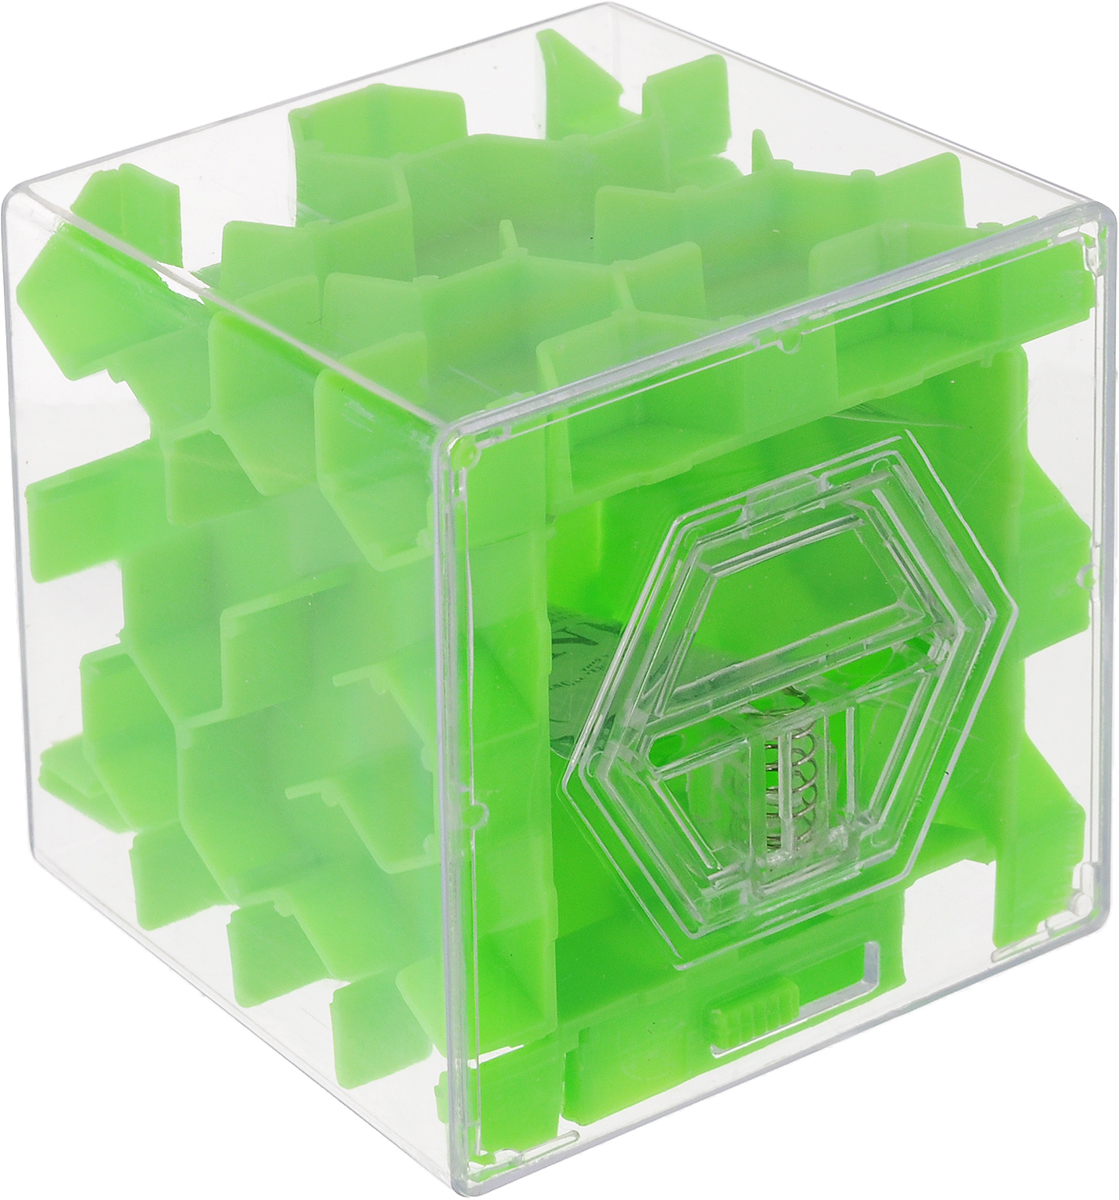 Копилка-головоломка Эврика Лабиринт, цвет: зеленыйБрелок для ключейКопилка Лабиринт - это самая настоящая головоломка. Она изготовлена из высококачественного пластика. Чтобы достать накопленные денежки, необходимо провести шарик по запутанному пути.Копилка Лабиринт - оригинальный способ преподнести подарок. Положите купюру в копилку и смело вручайте имениннику. Вашему другу придется потрудиться, чтобы достать подаренную купюру. Копилка имеет отверстие, чтобы класть в неё деньги.Размер копилки: 6,5 х 6,5 х 6,5 см.